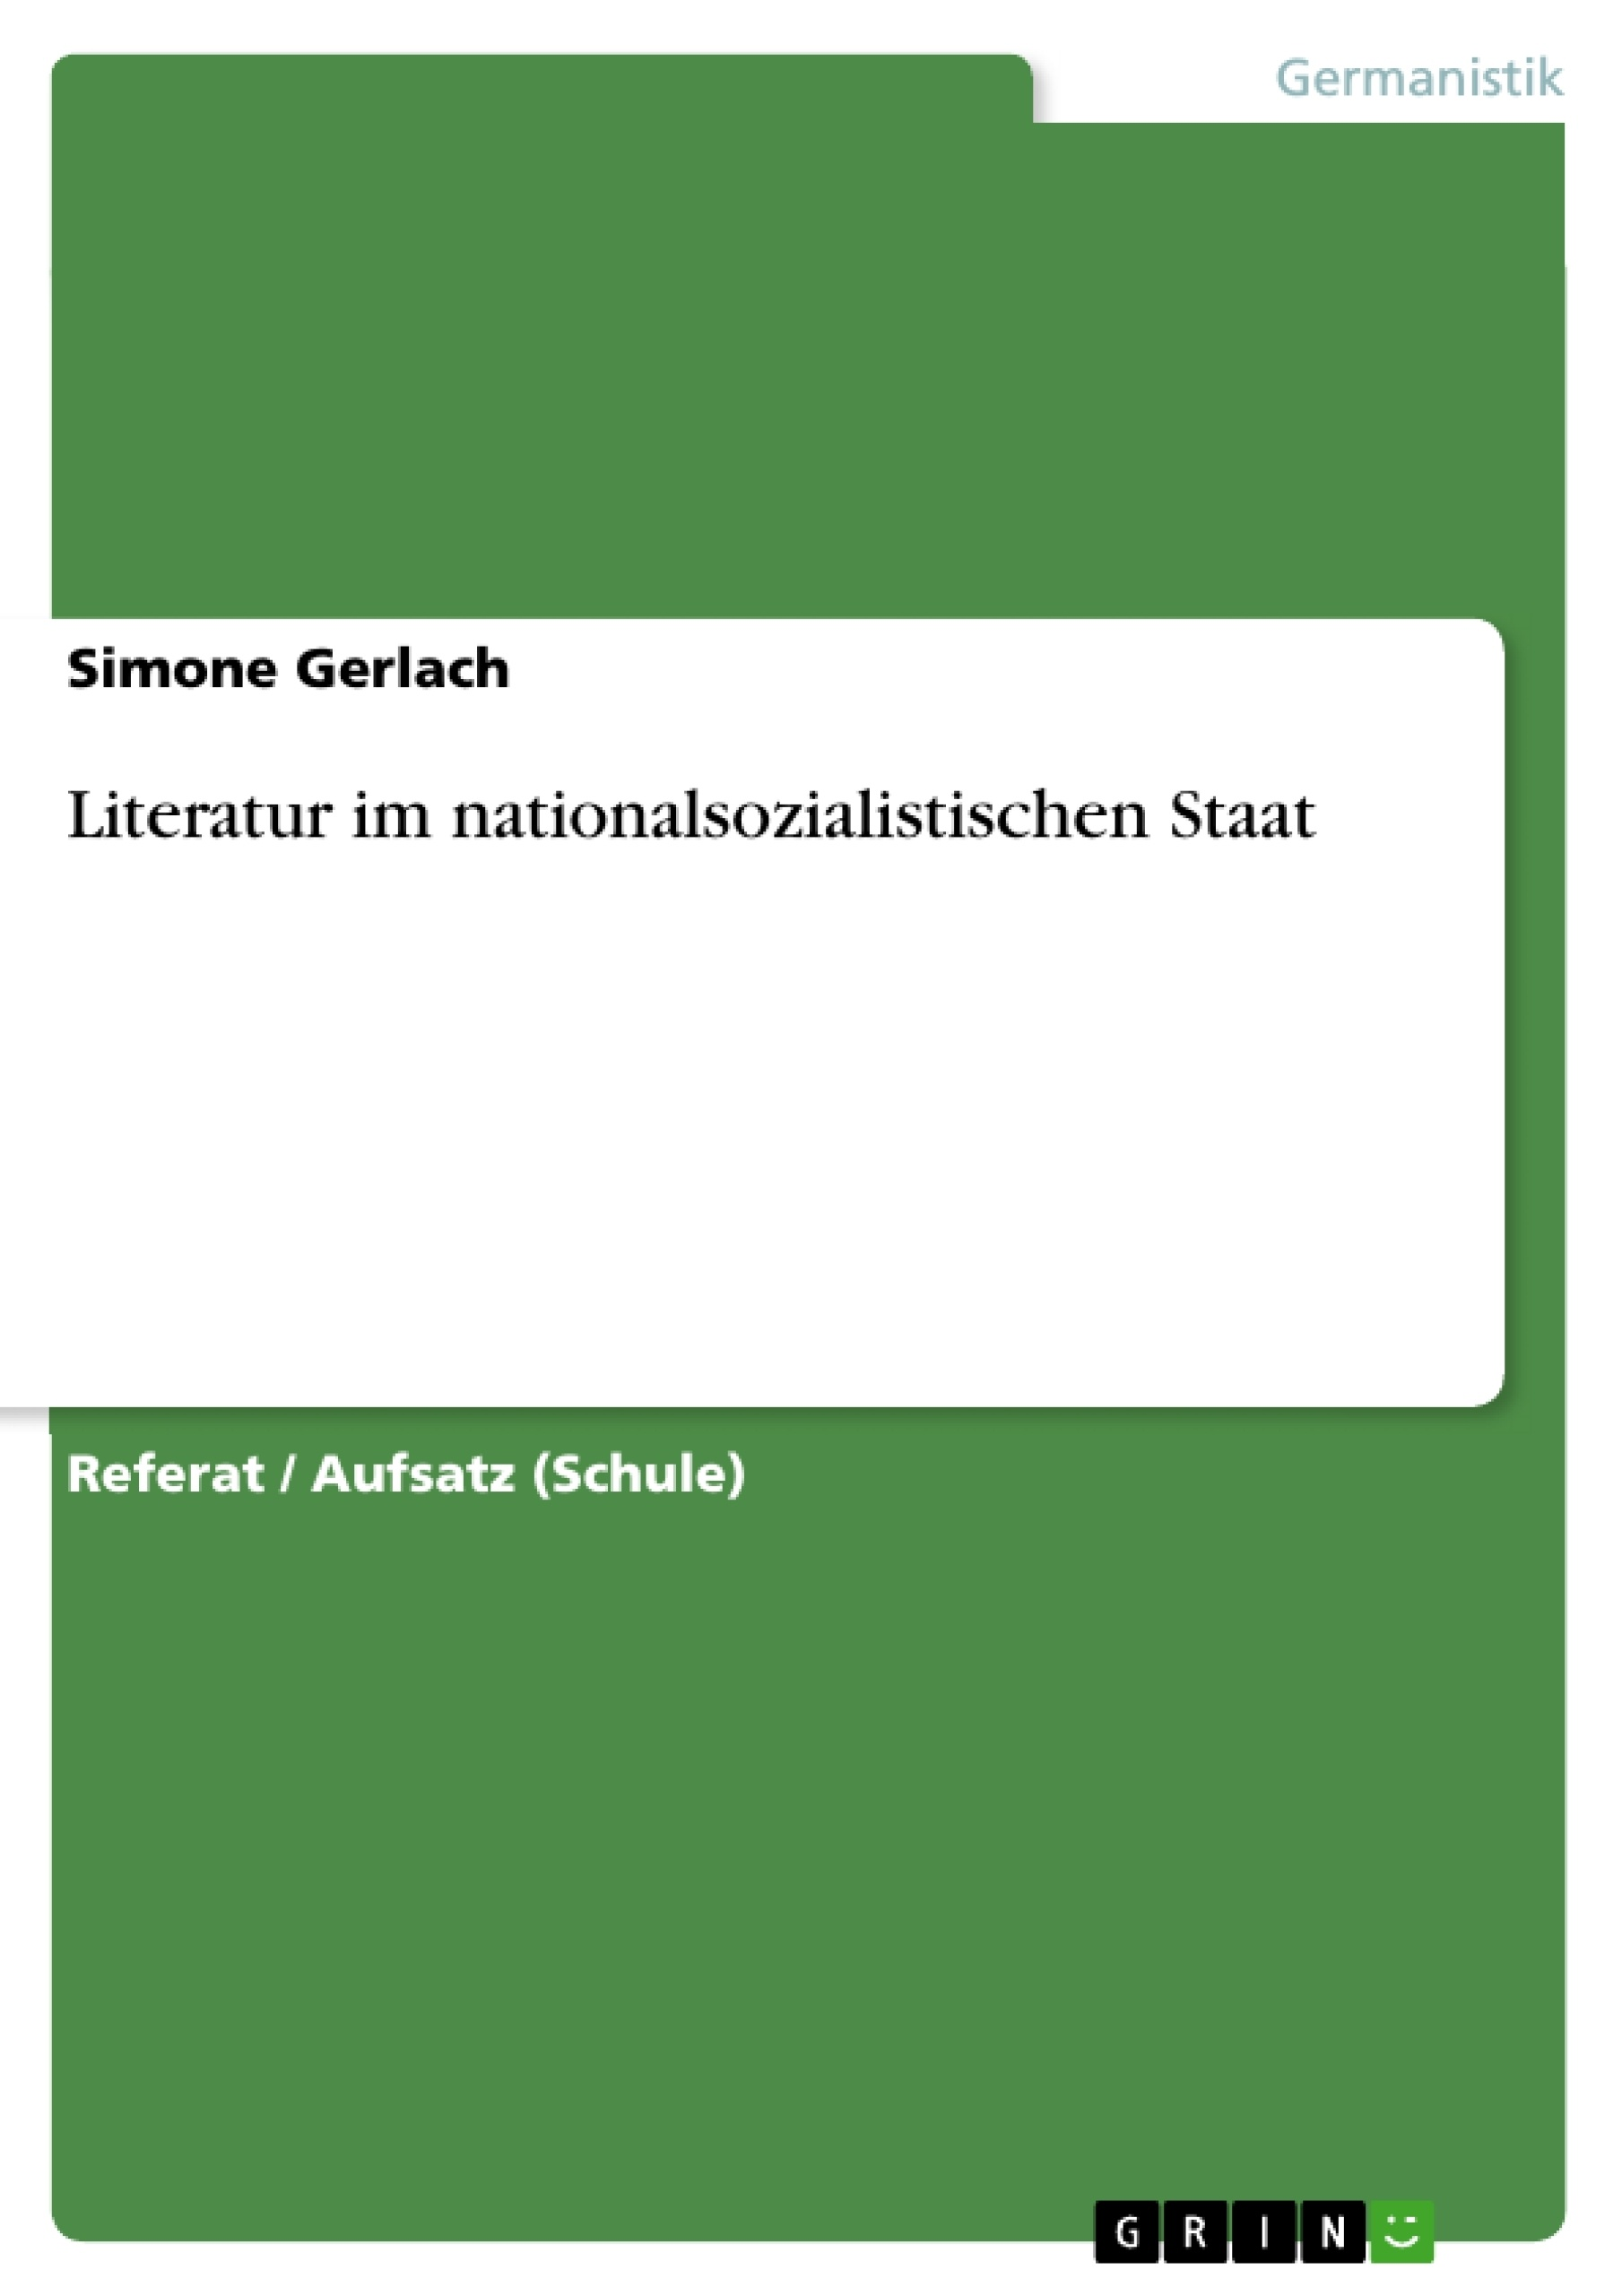 Titel: Literatur im nationalsozialistischen Staat